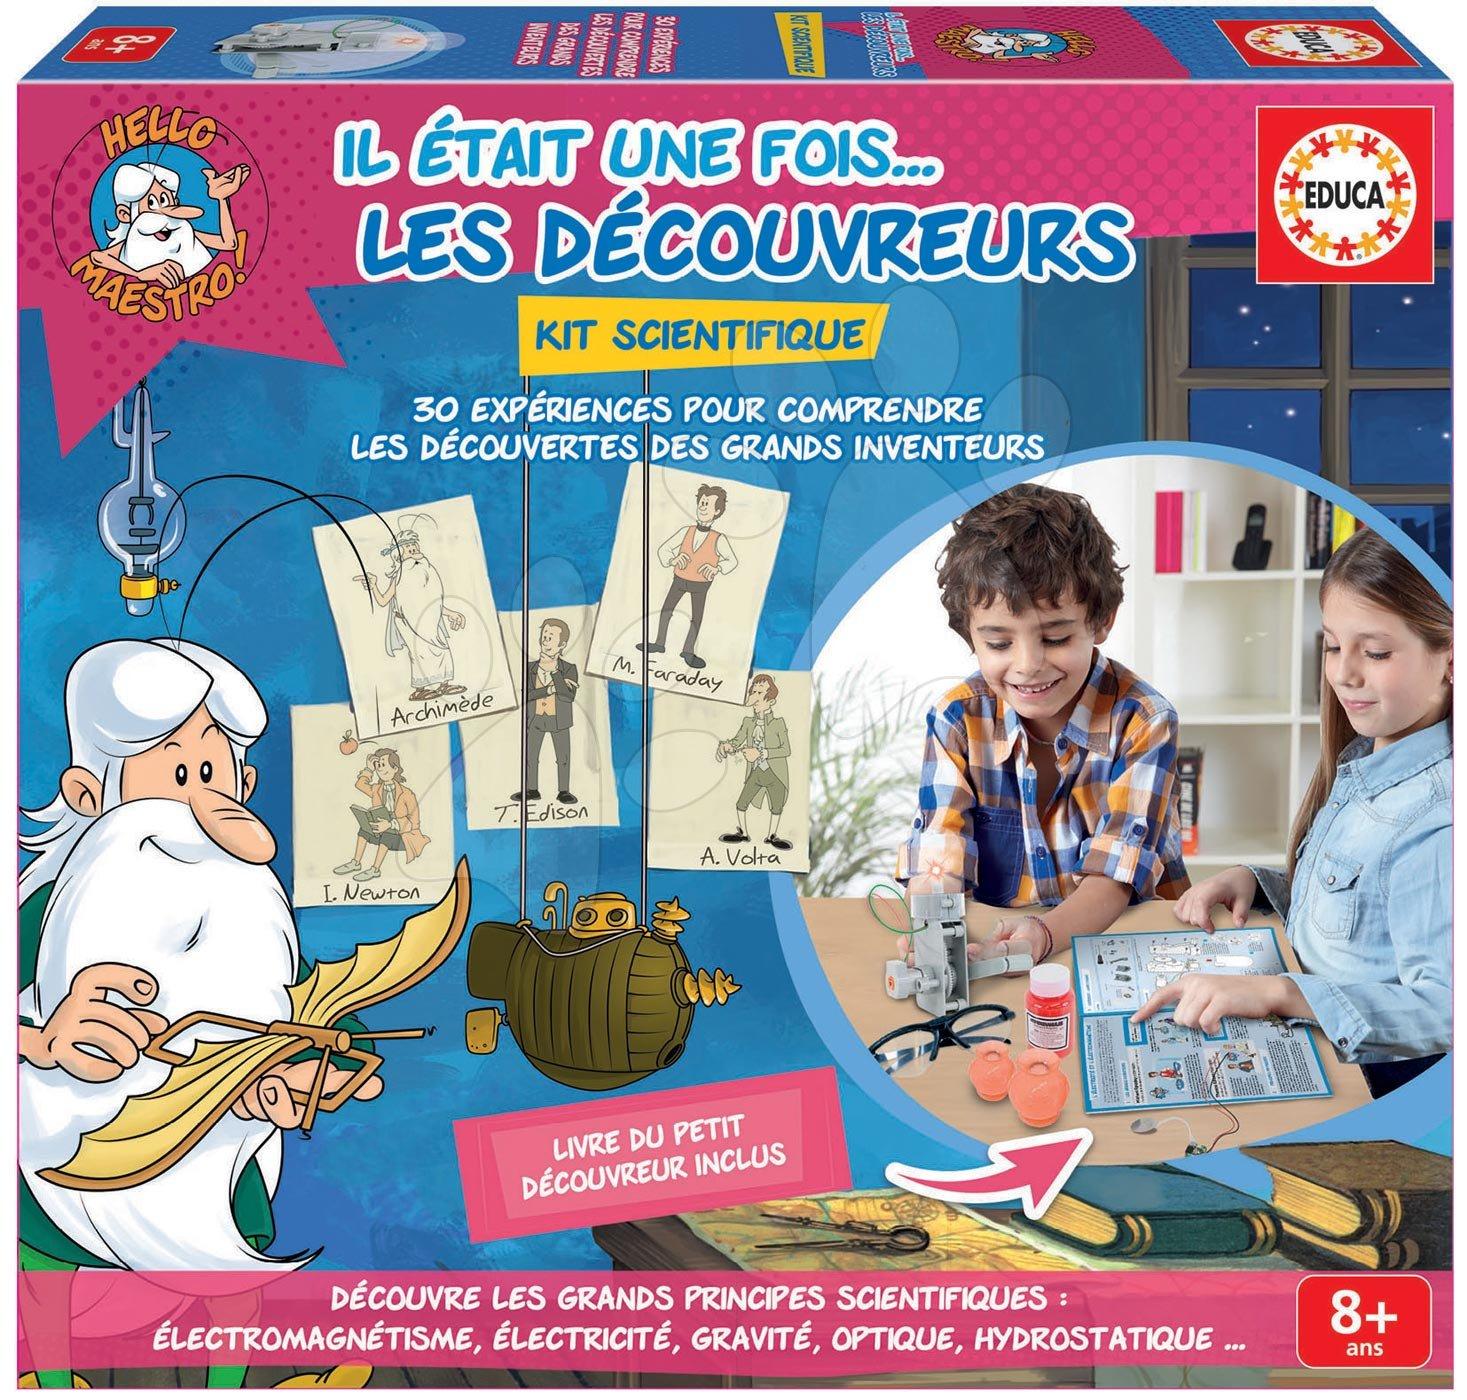 Cudzojazyčné spoločenské hry - Spoločenská hra Hello Maestro Educa Vynálezci a Bádatelia po francúzsky od 8 rokov